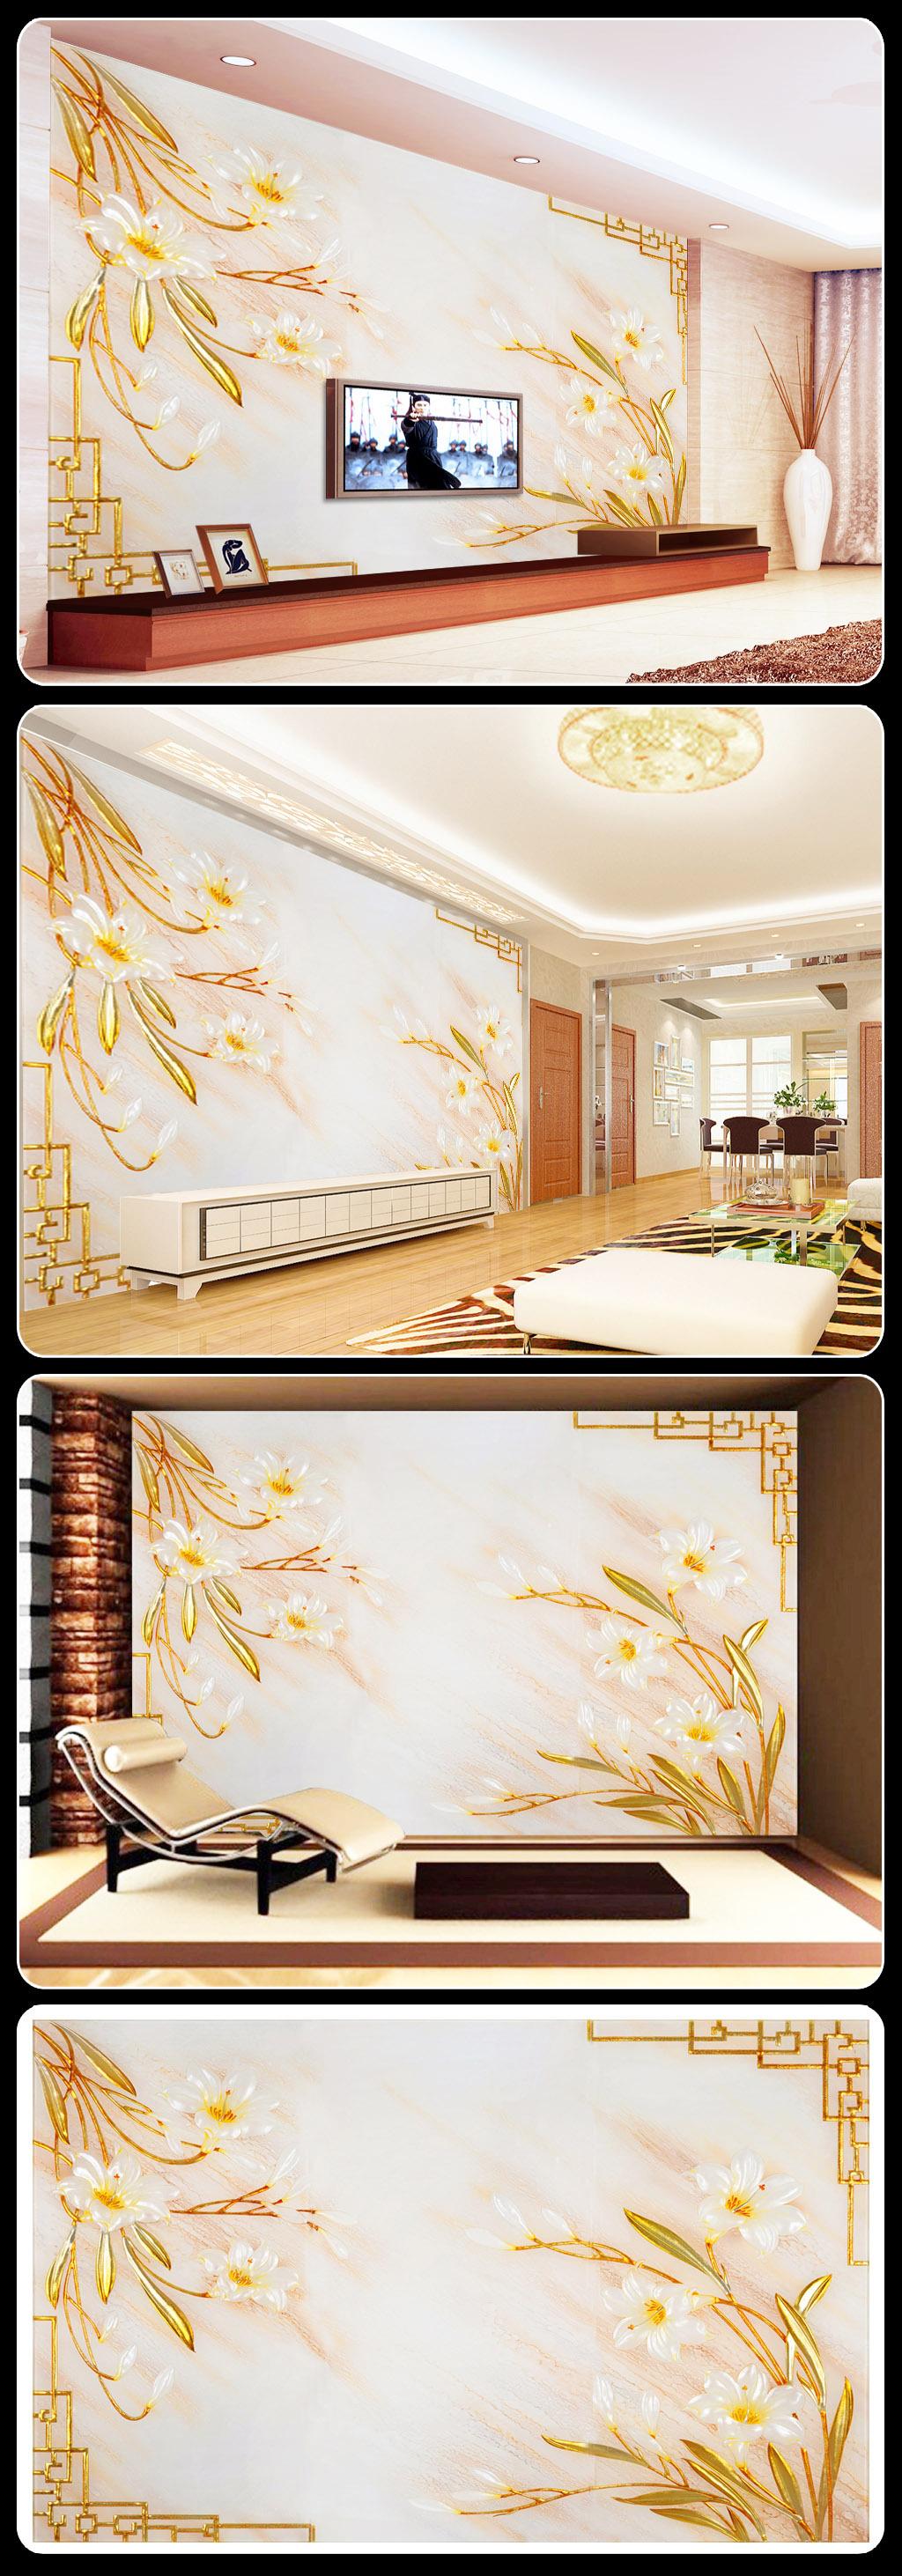 背景墙 客厅 玻璃/[版权图片]彩雕玉兰花朵花卉艺术玻璃客厅背景墙图片